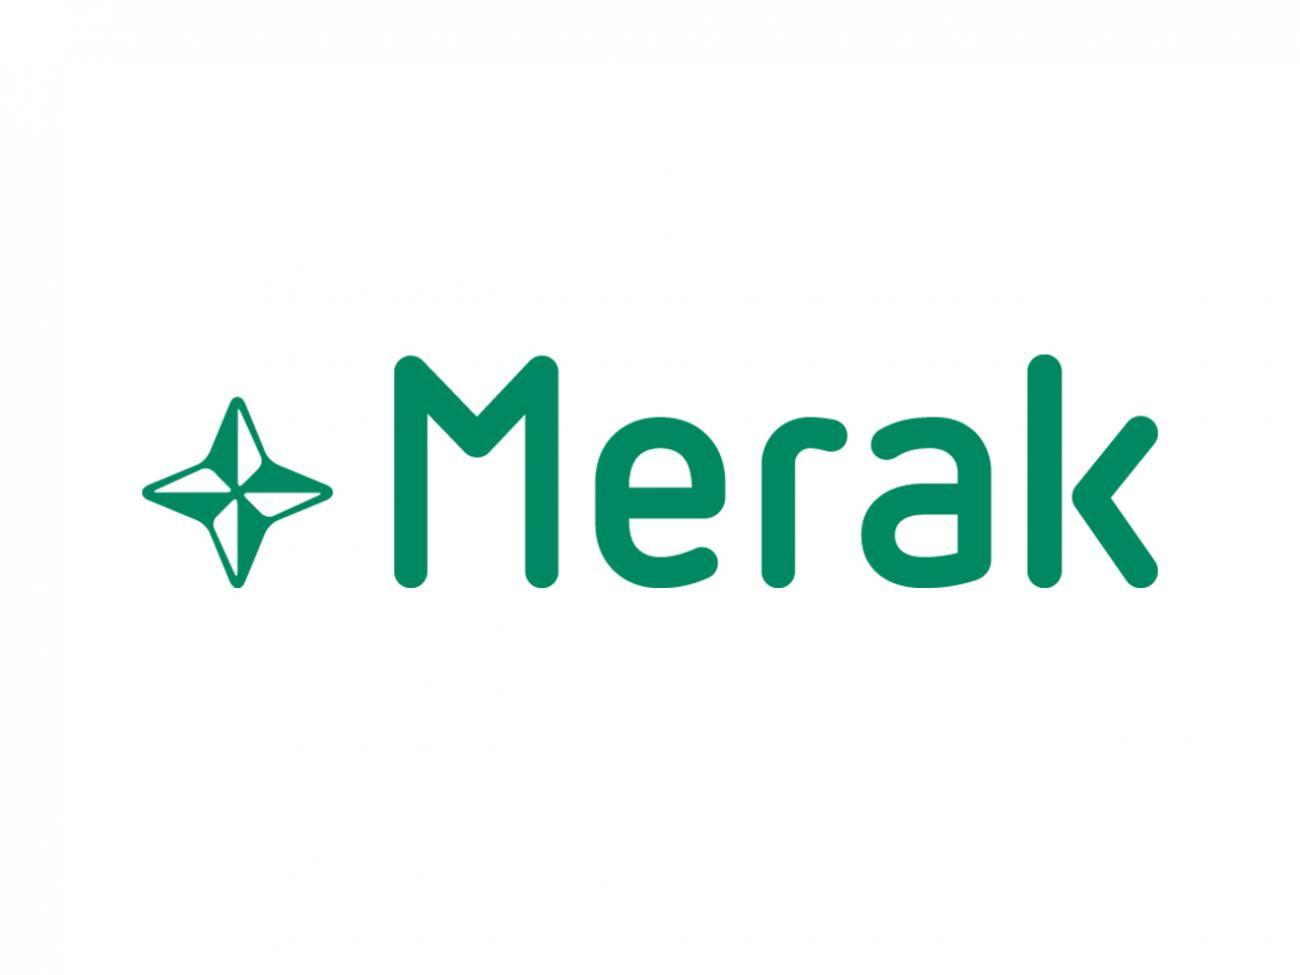 Merak3 logo